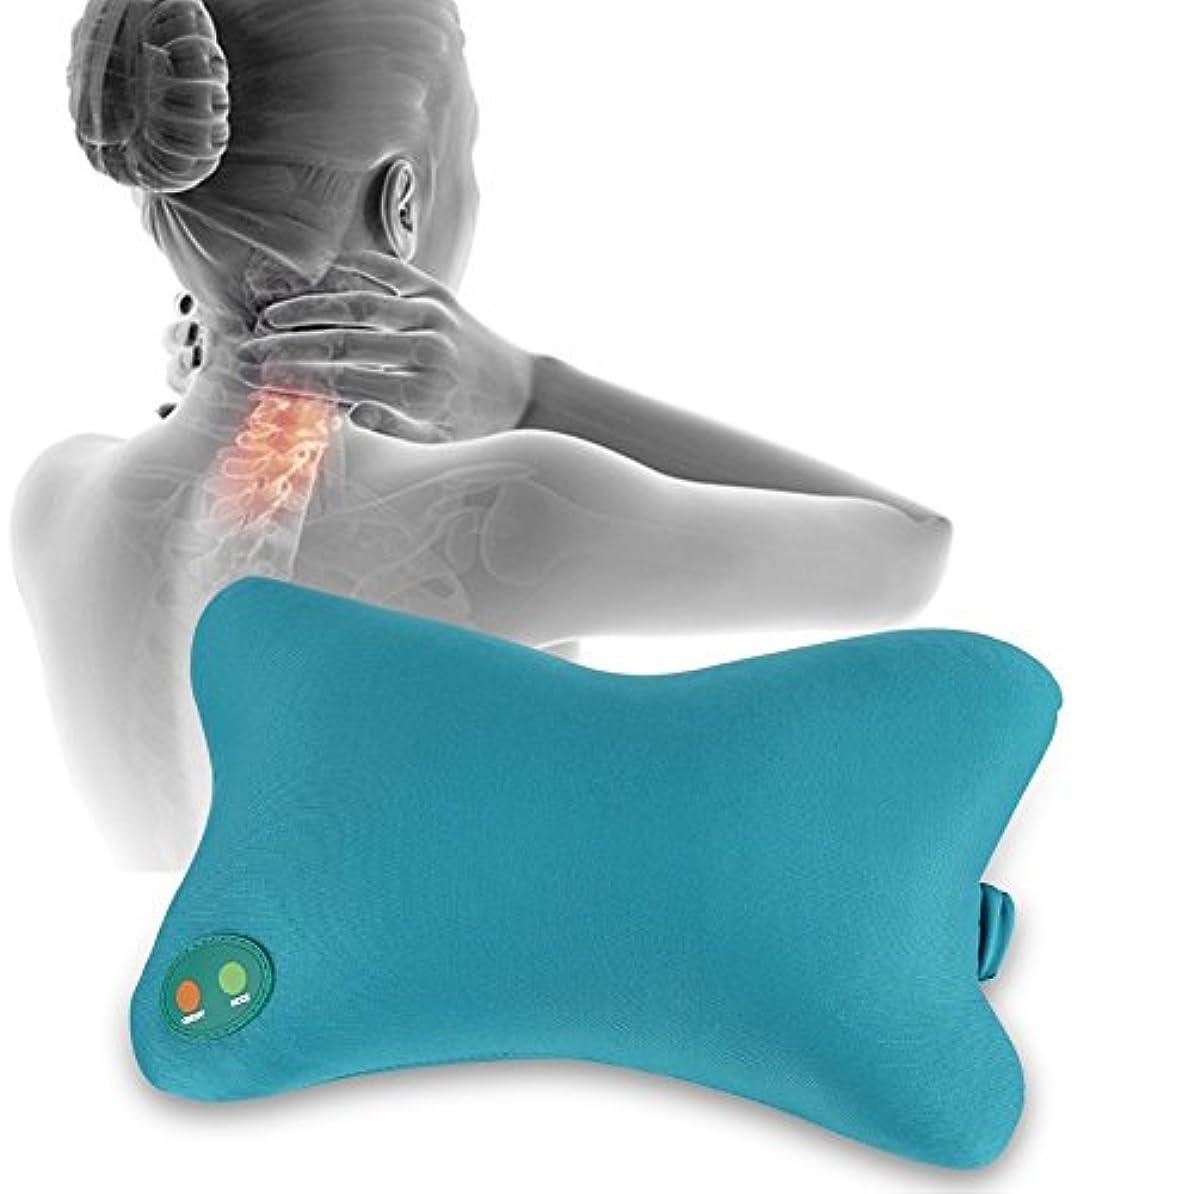 調停者アクセスカーフマッサージピロー、背中の痛みを軽減するための柔らかい電気ネックマッサージの刺激のクッション車のオフィスホームナップの使用、CEの承認